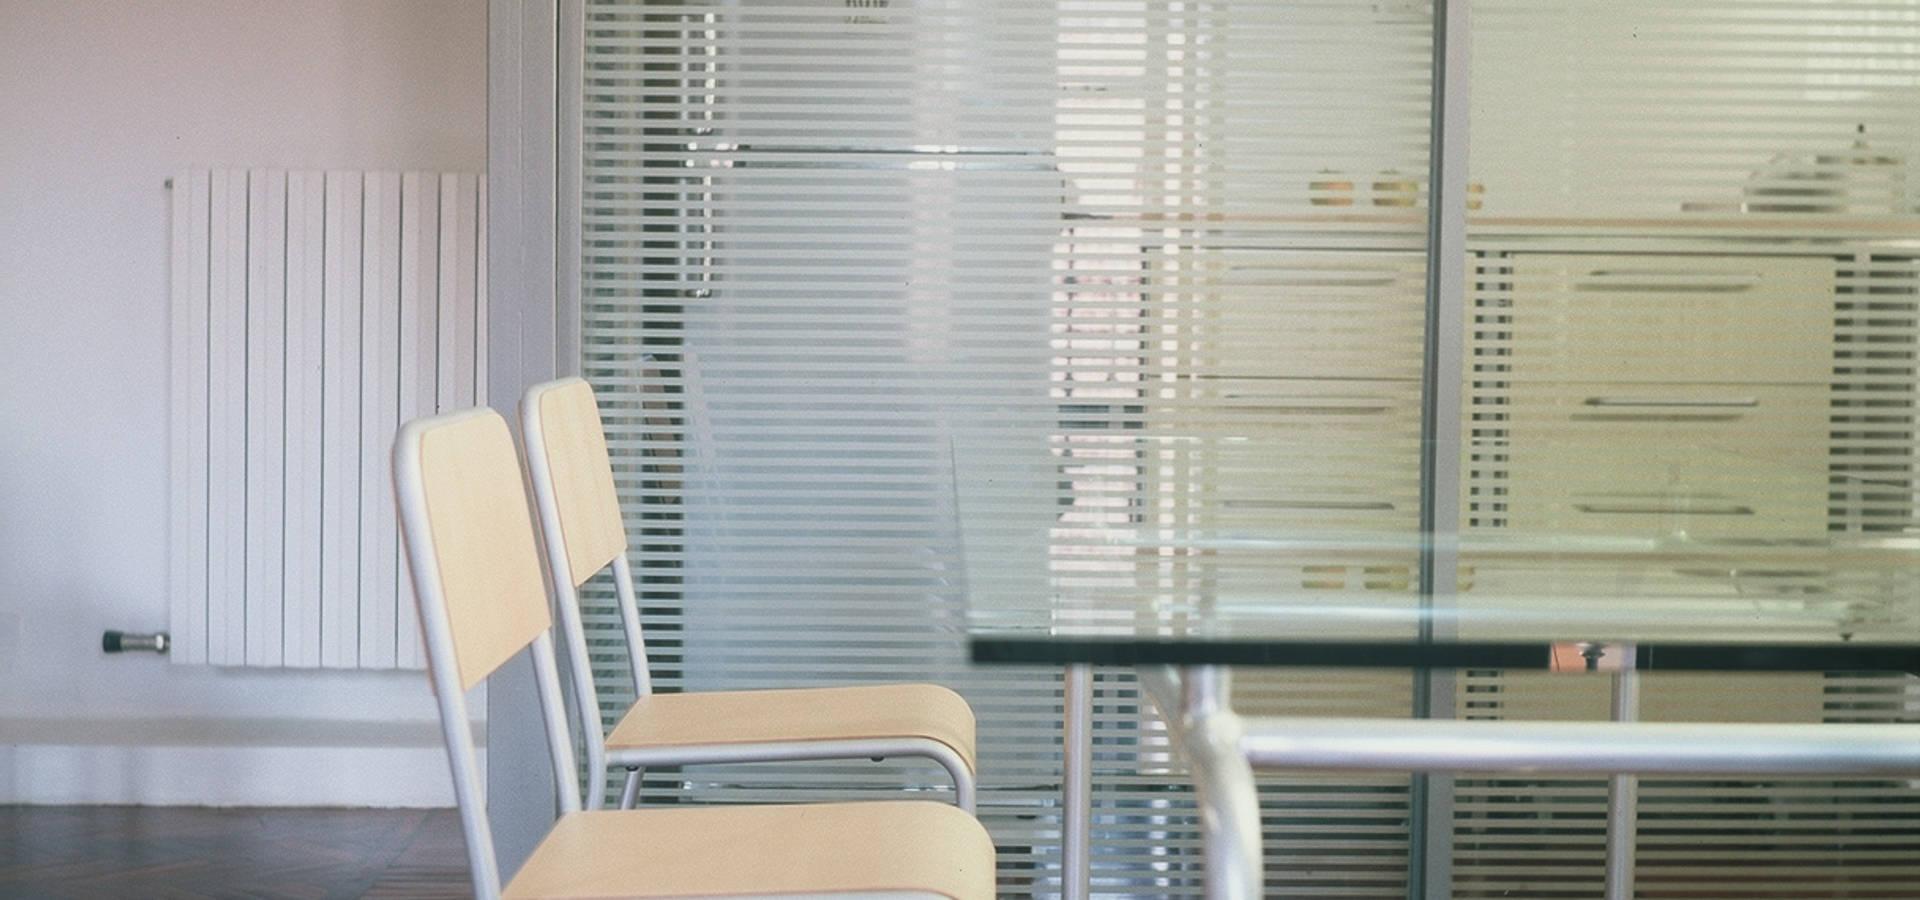 Milano Design Lab